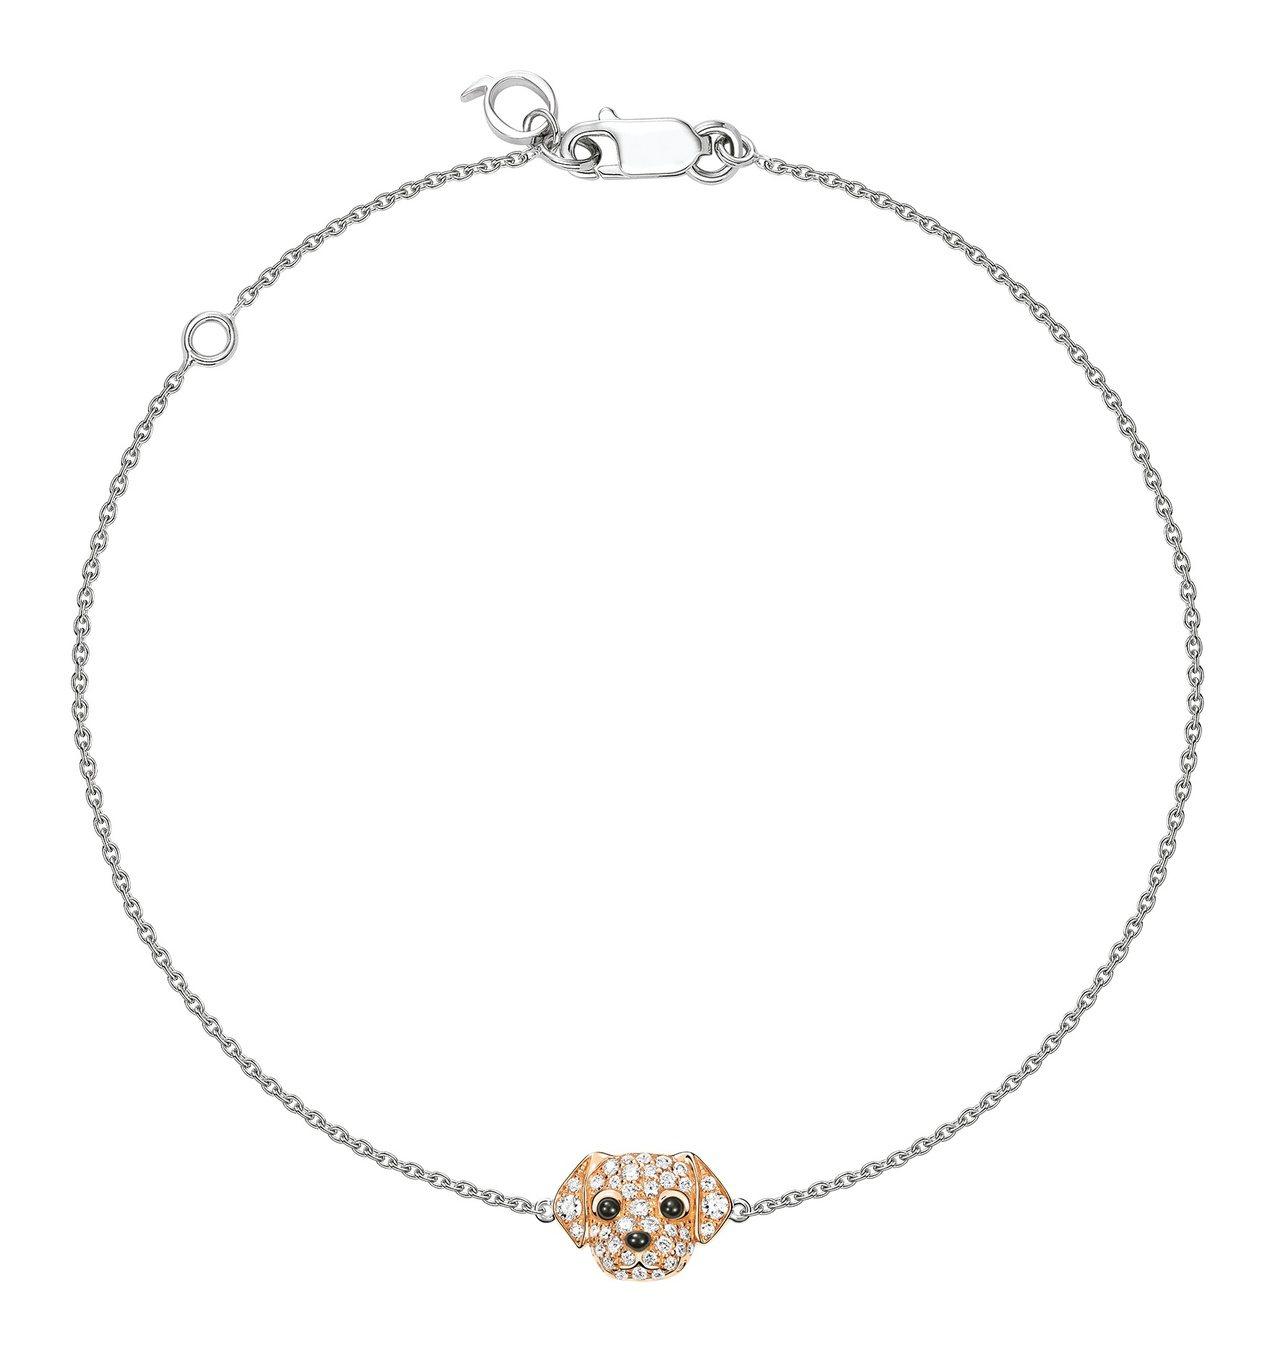 Qeelin Wang Wang黃金獵犬造型18K玫瑰金與鑽石手鍊,71,800...